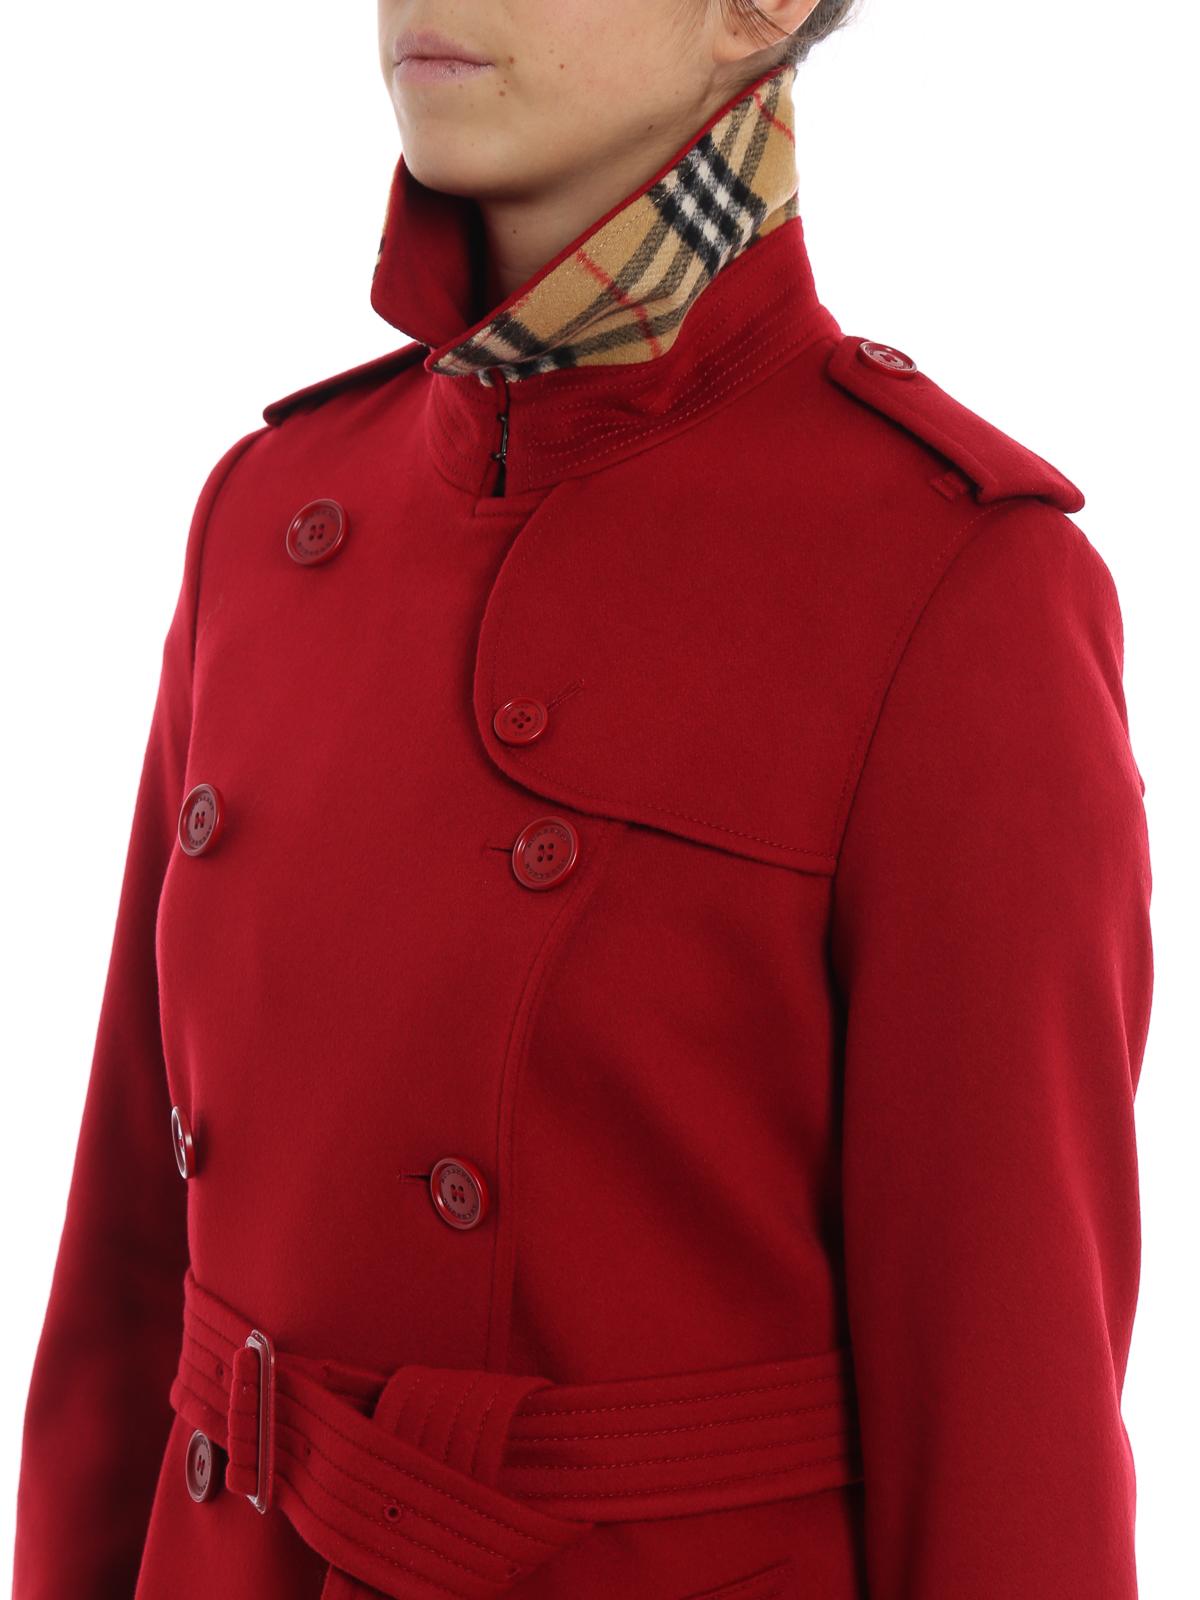 Burberry - Cappotto Kensington in cashmere rosso - cappotti al ... e1dc86d3d969